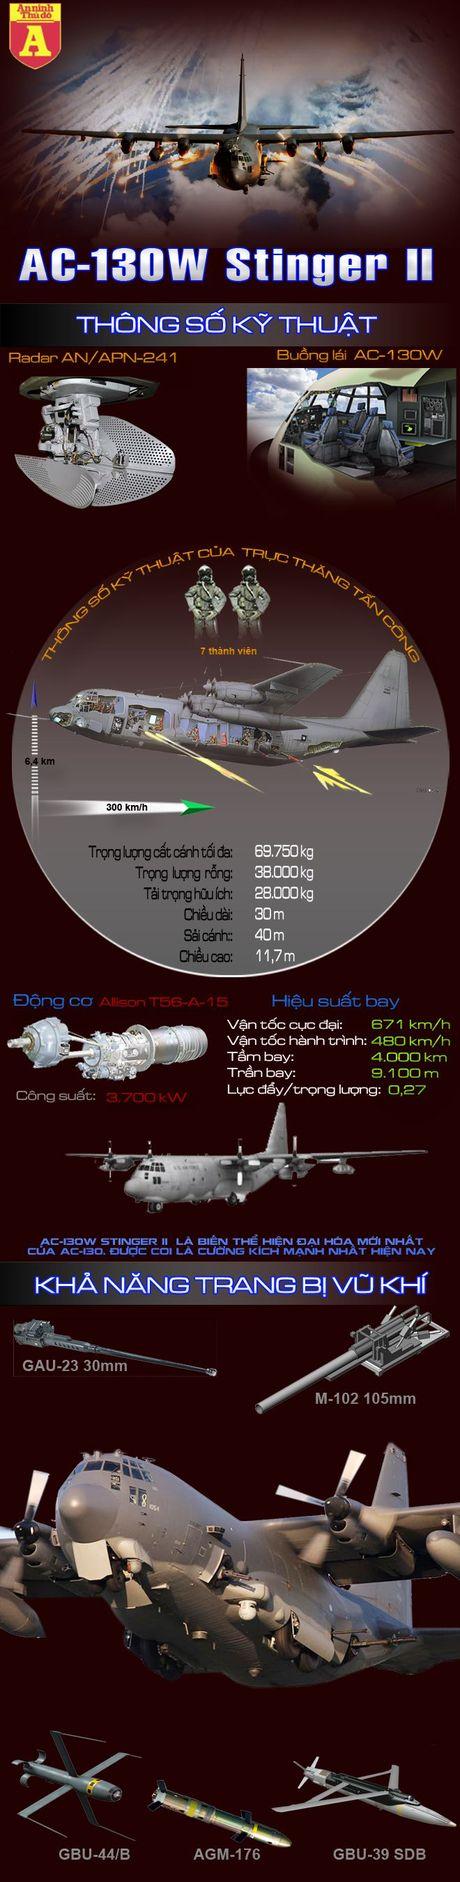 AC-130W Stinger II - Cuong kich dang so nhat moi thoi dai - Anh 1